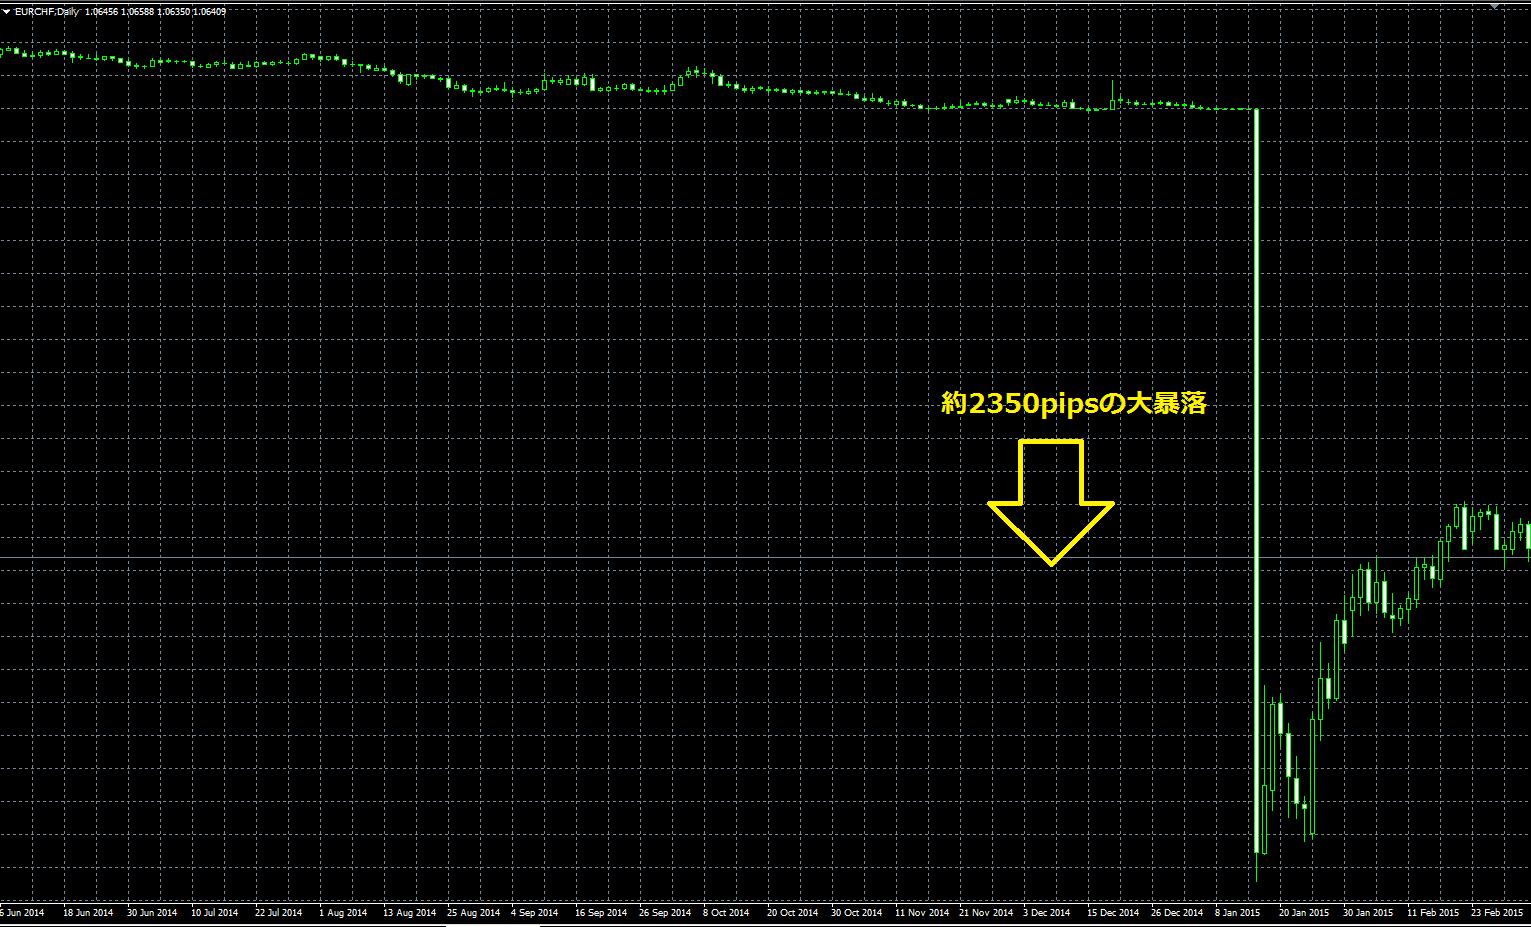 2015年1月15日に起きたスイスフラン大暴落のチャート画面